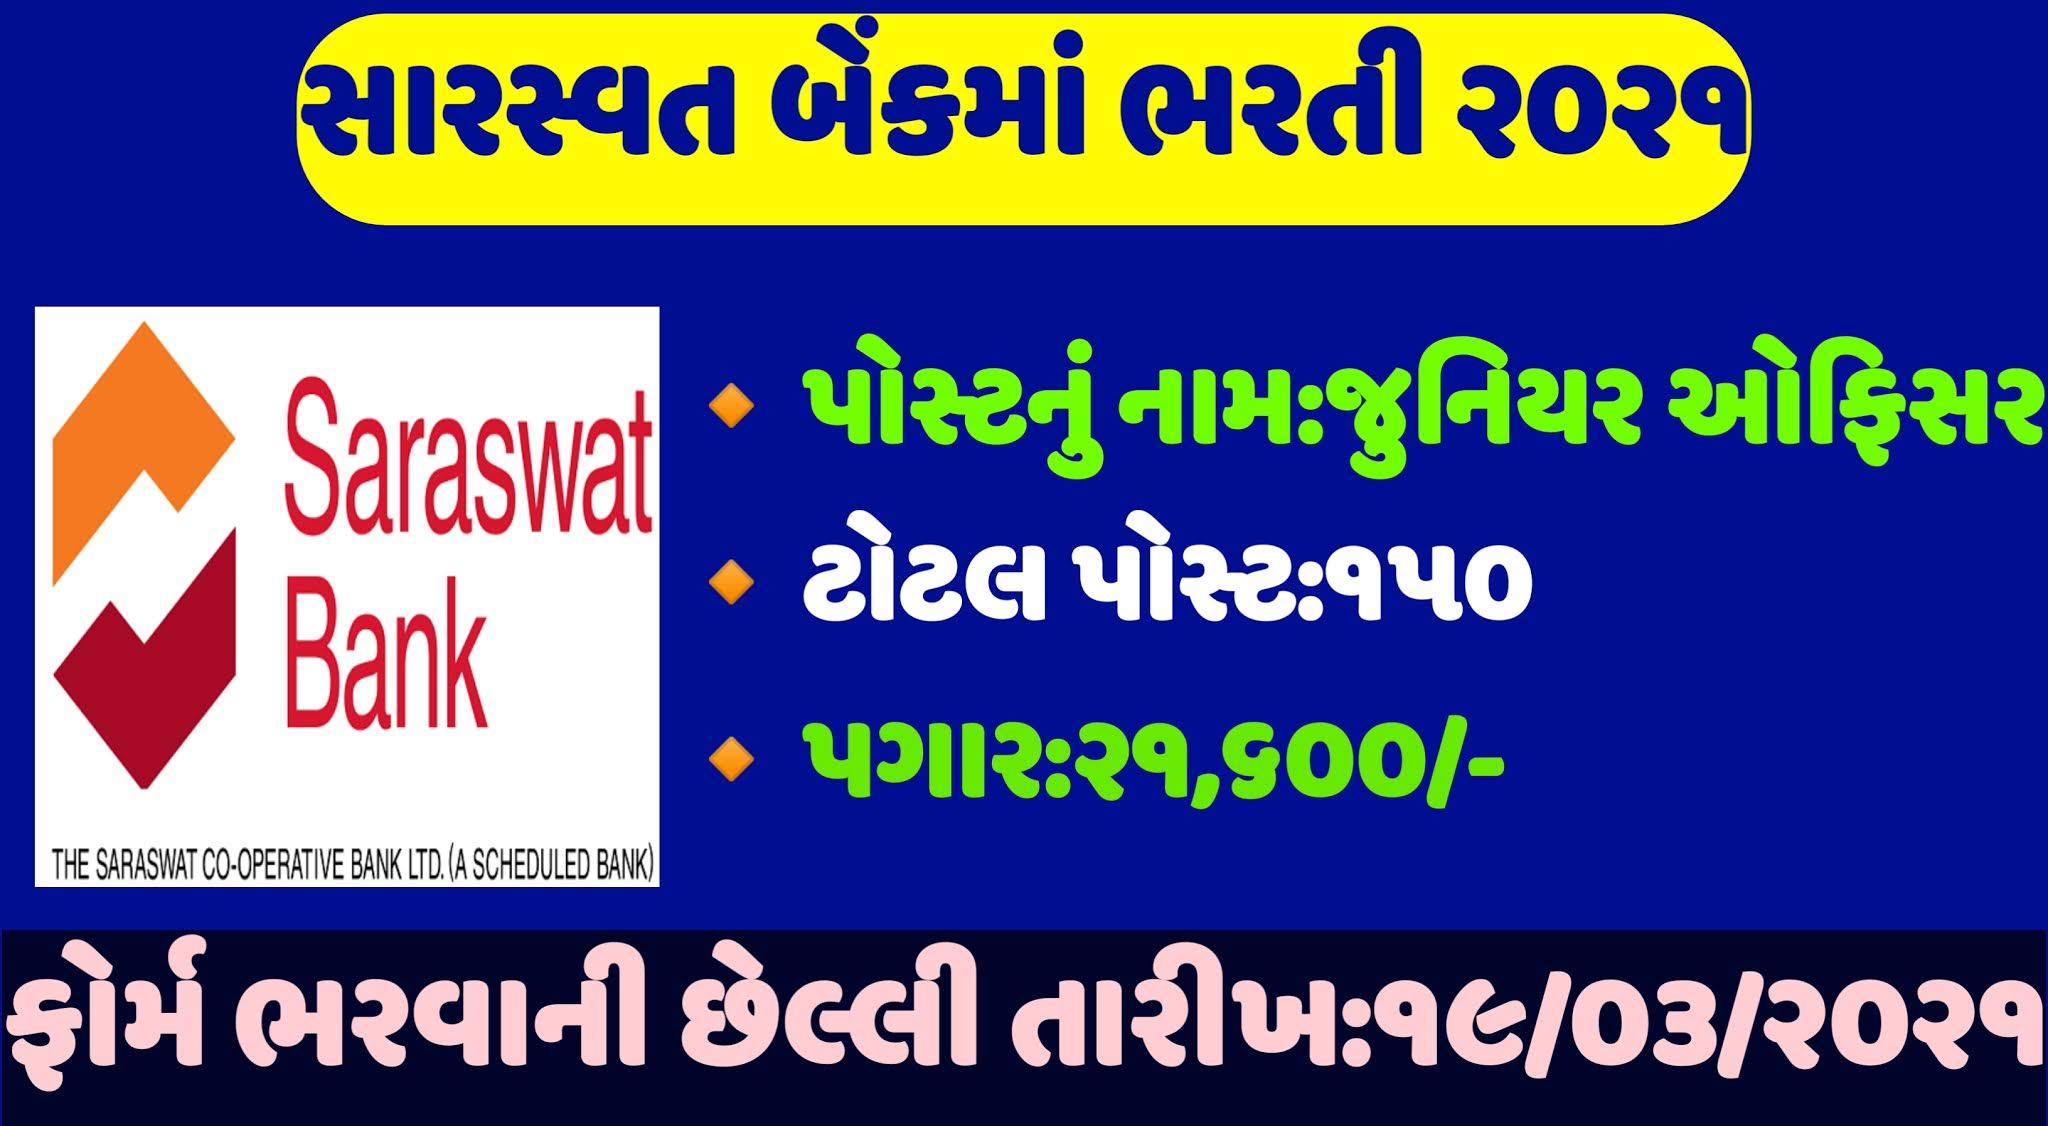 Saraswat Bank Recruitment 2021: